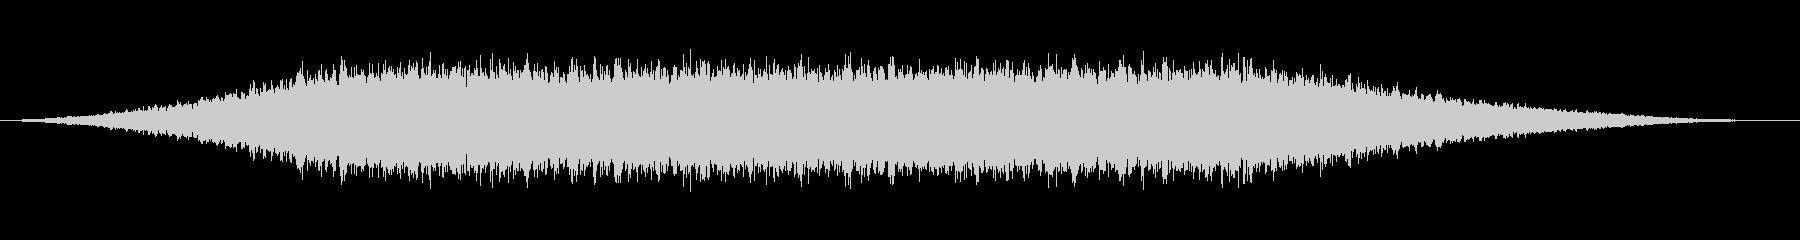 不気味な不協和音のキラキラ音 (ロング)の未再生の波形